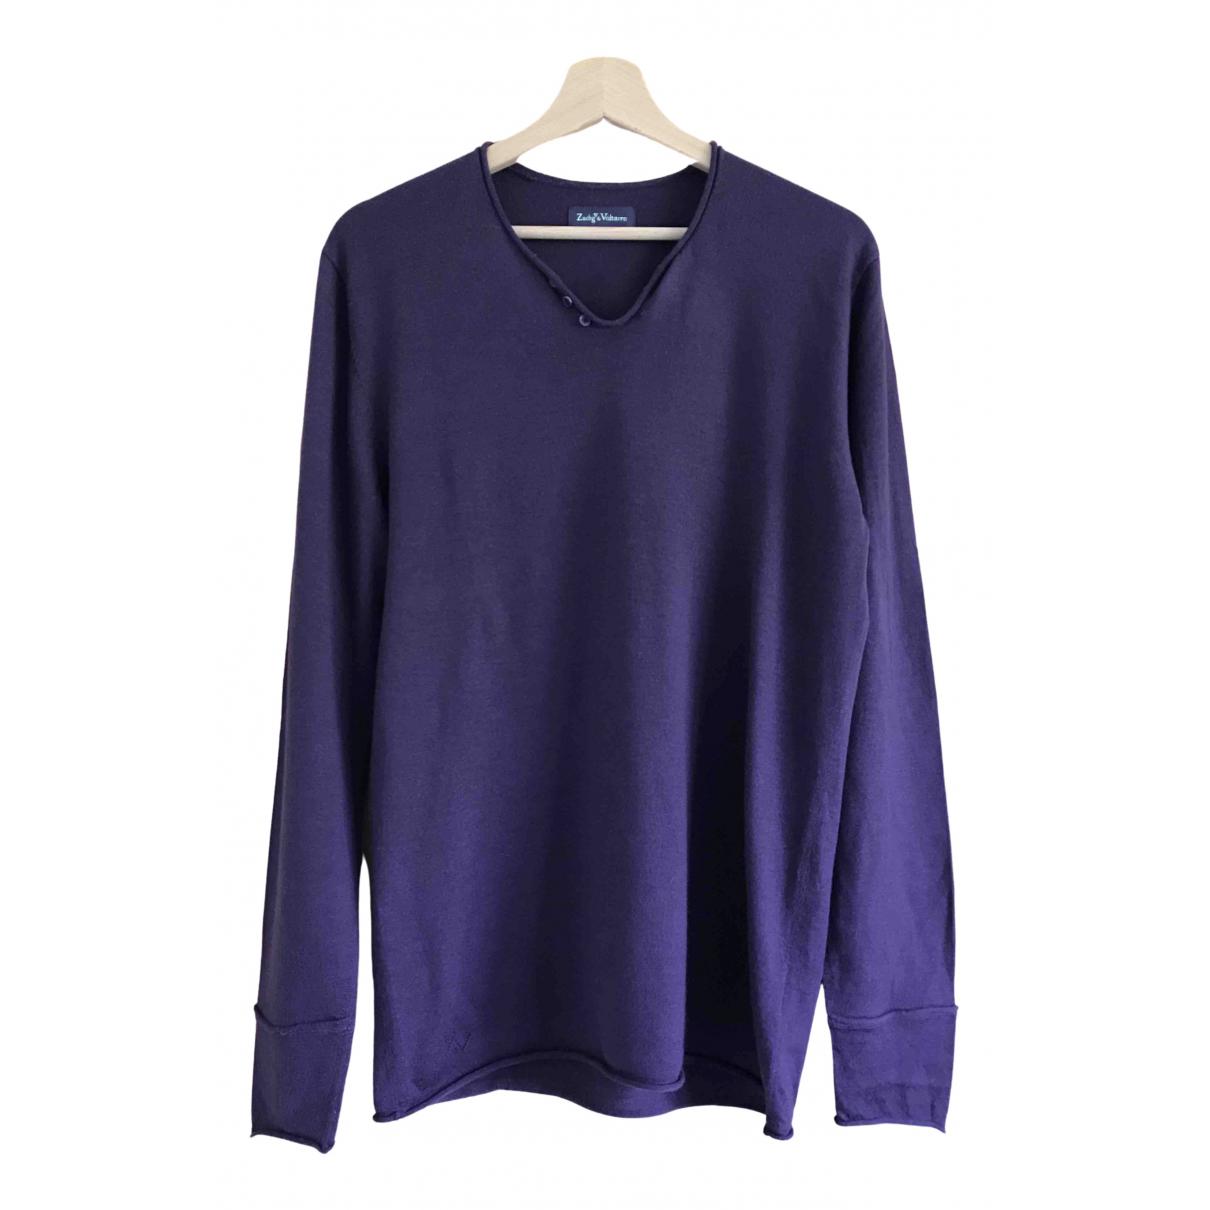 Zadig & Voltaire - Pulls.Gilets.Sweats Fall Winter 2019 pour homme en laine - violet